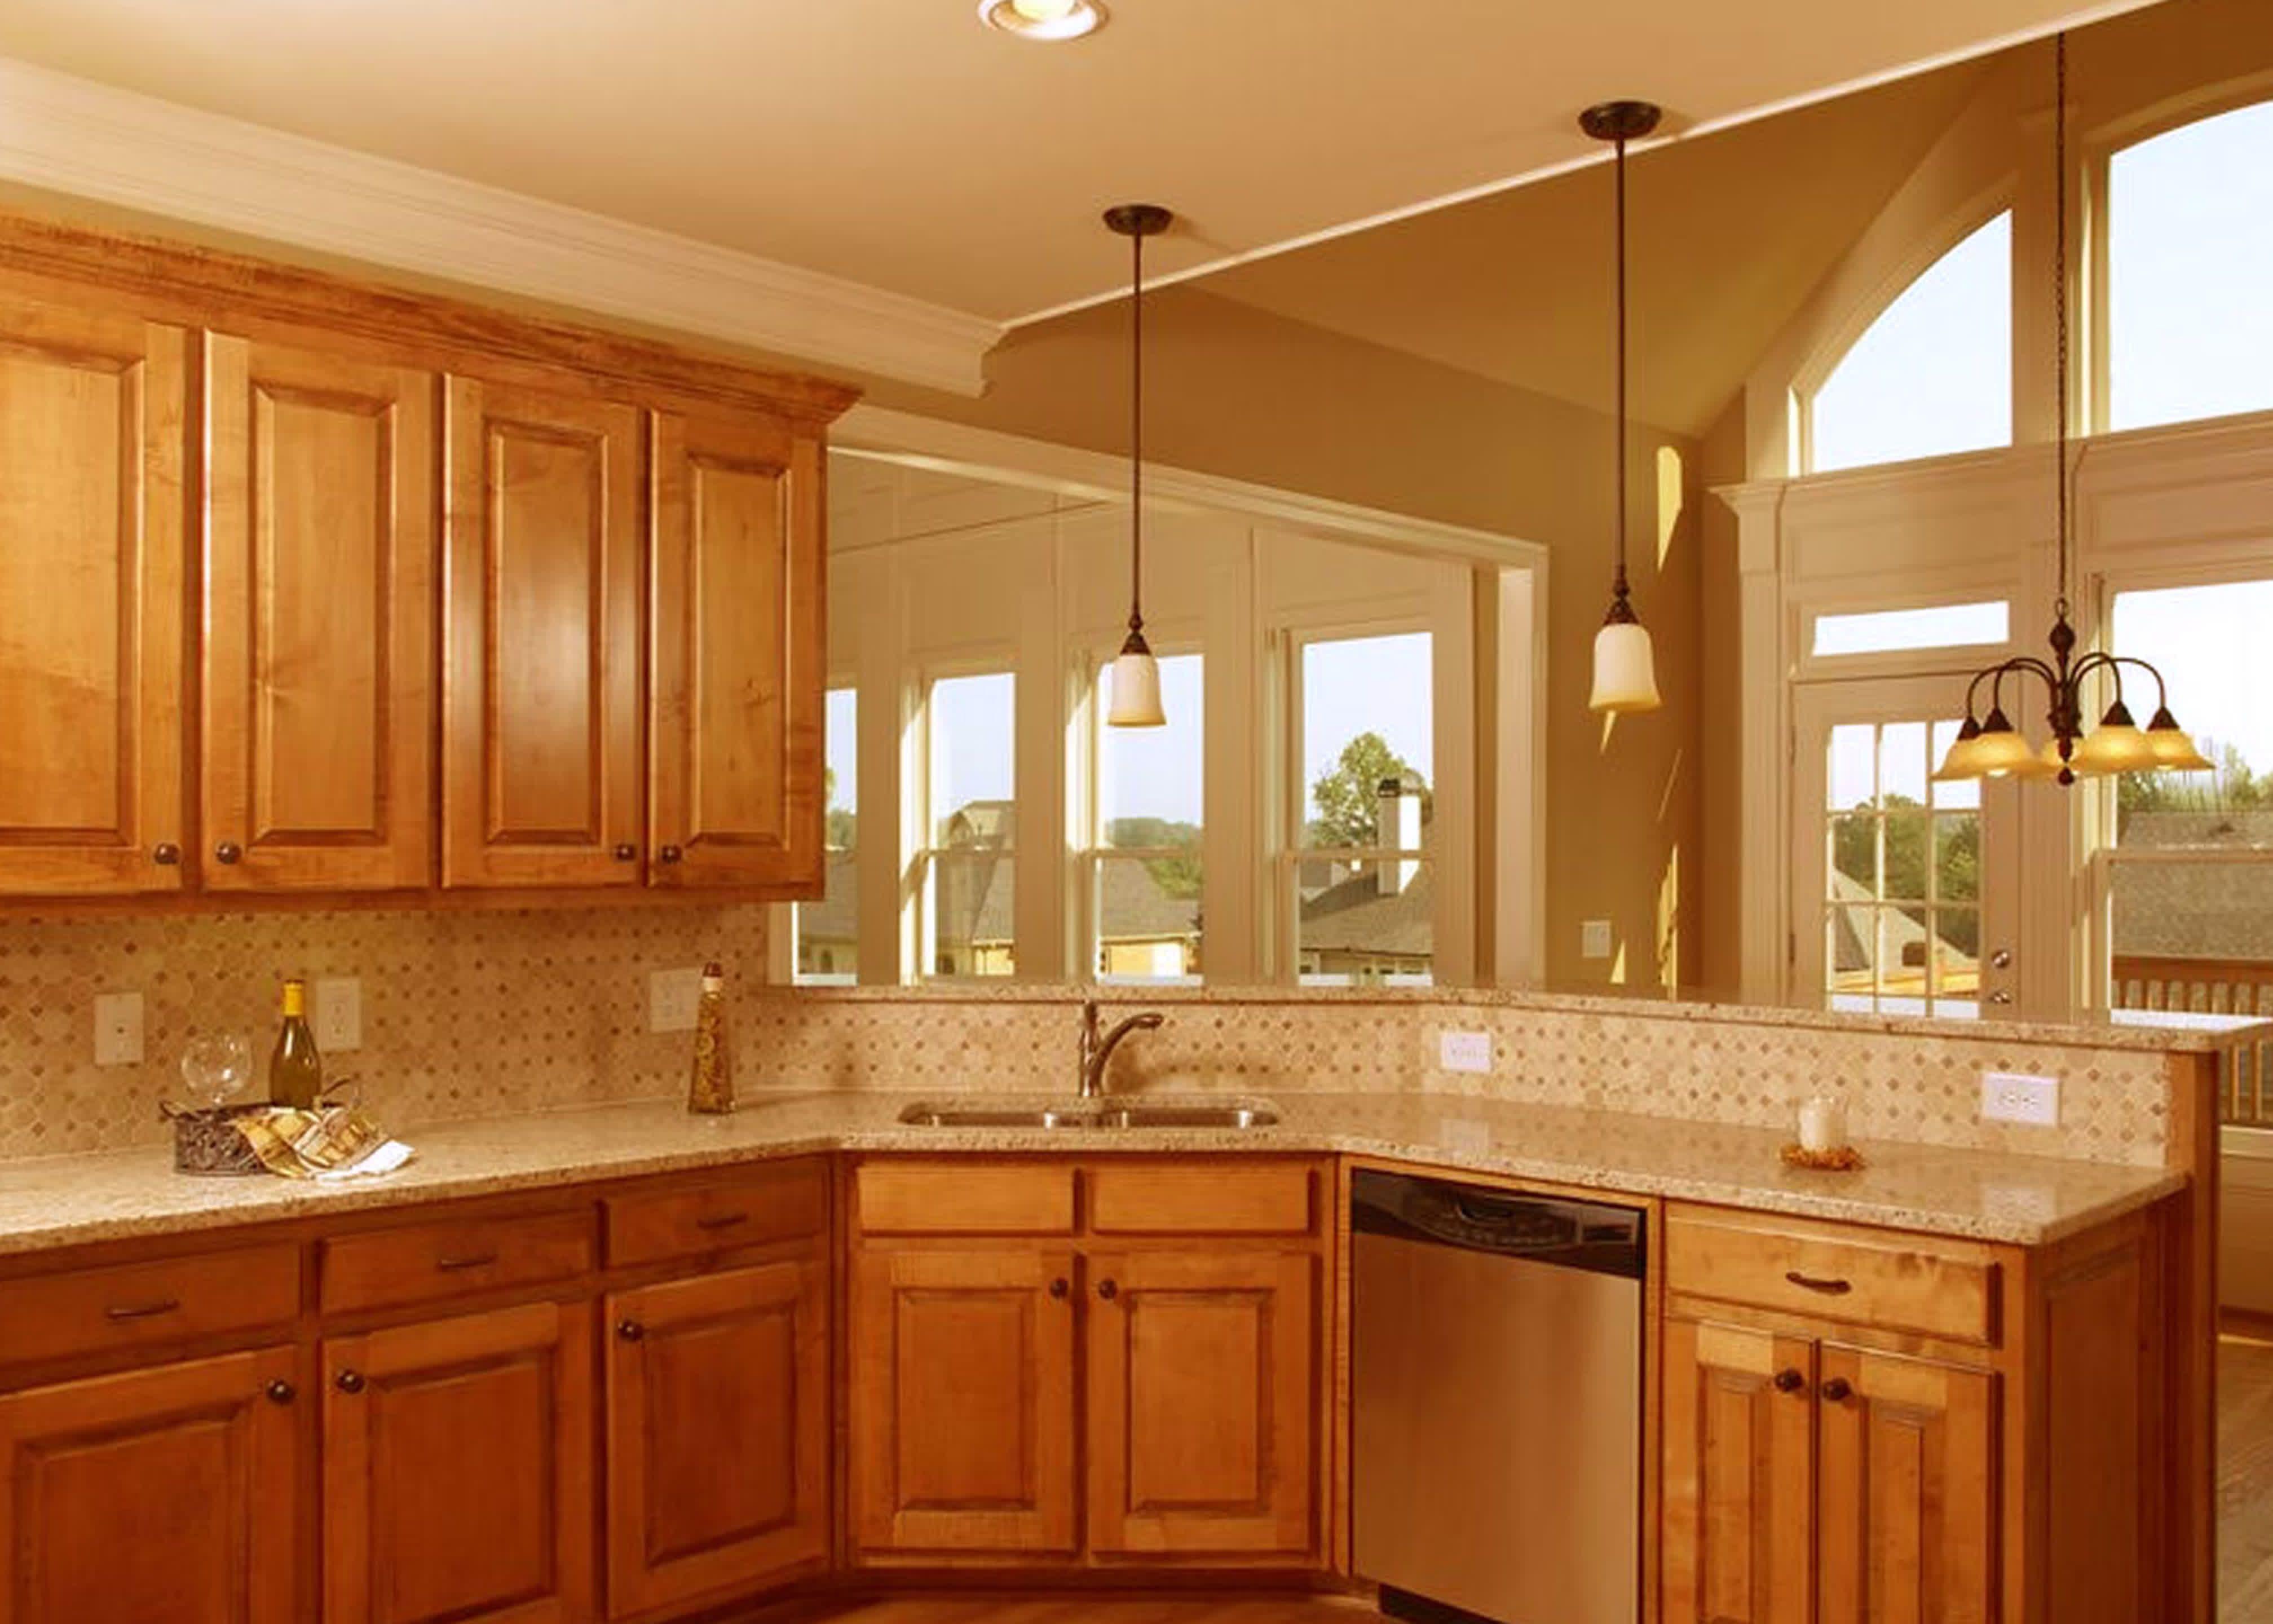 Corner Kitchen Sink Design Ideas Kitchen Ideas With Oak Cabinets